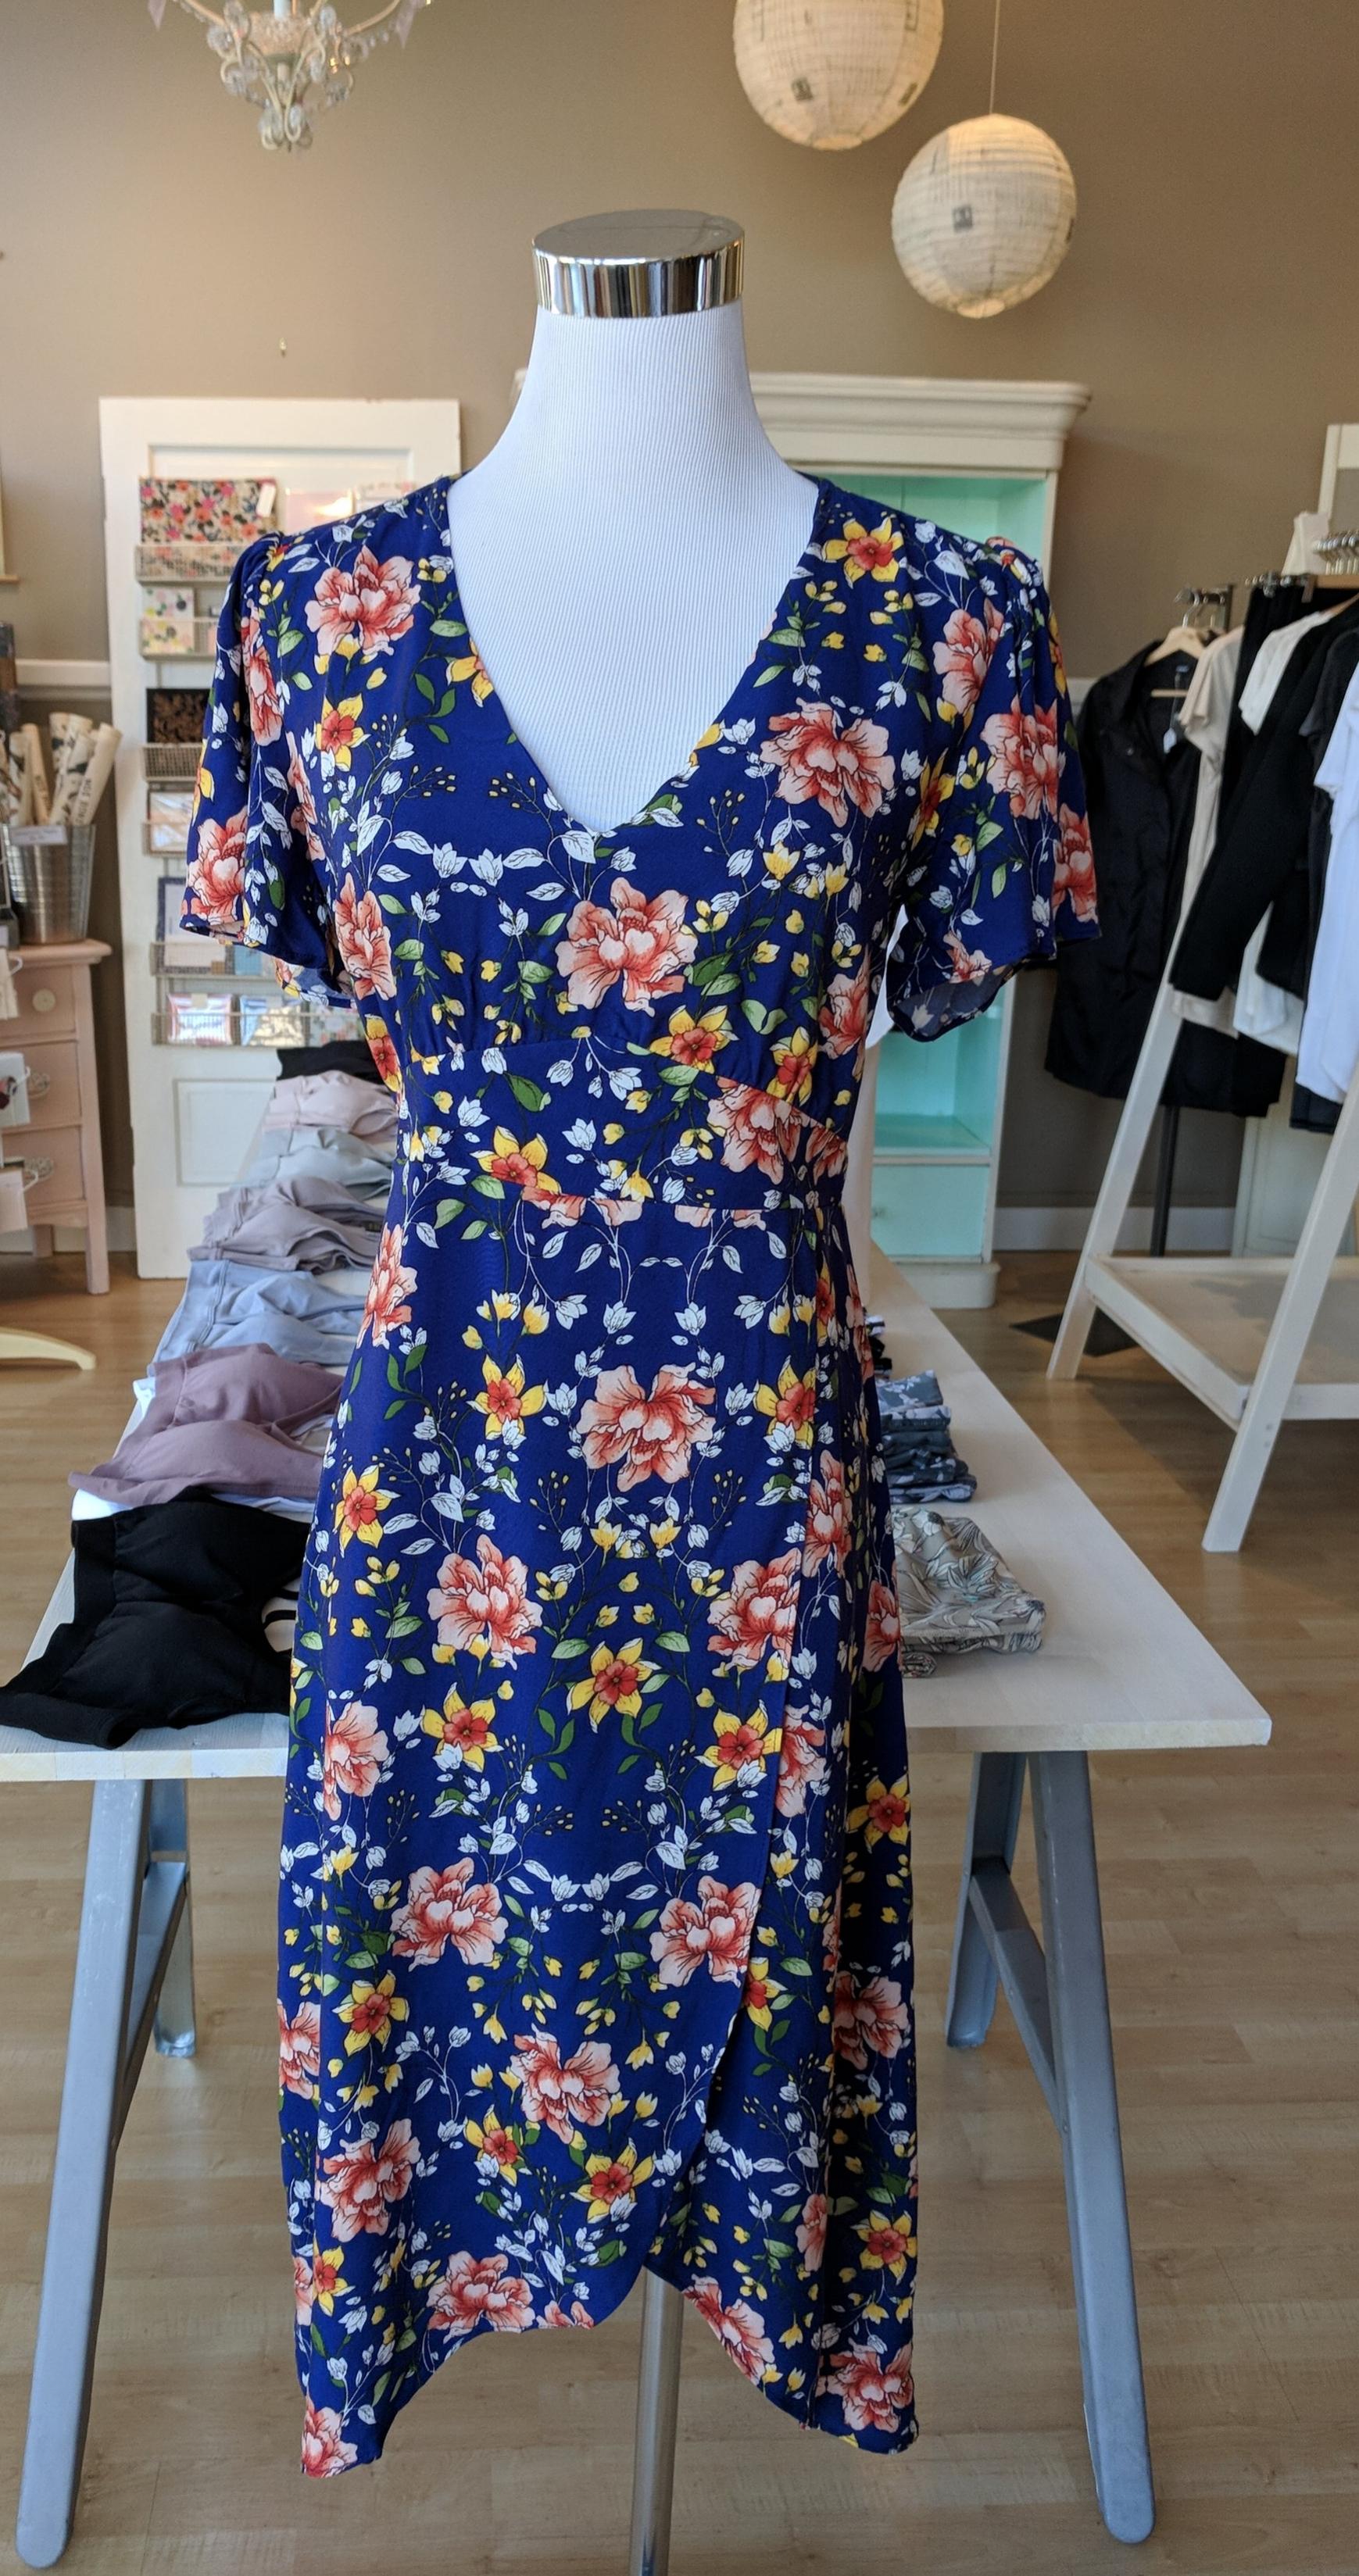 Floral faux wrap dress $62